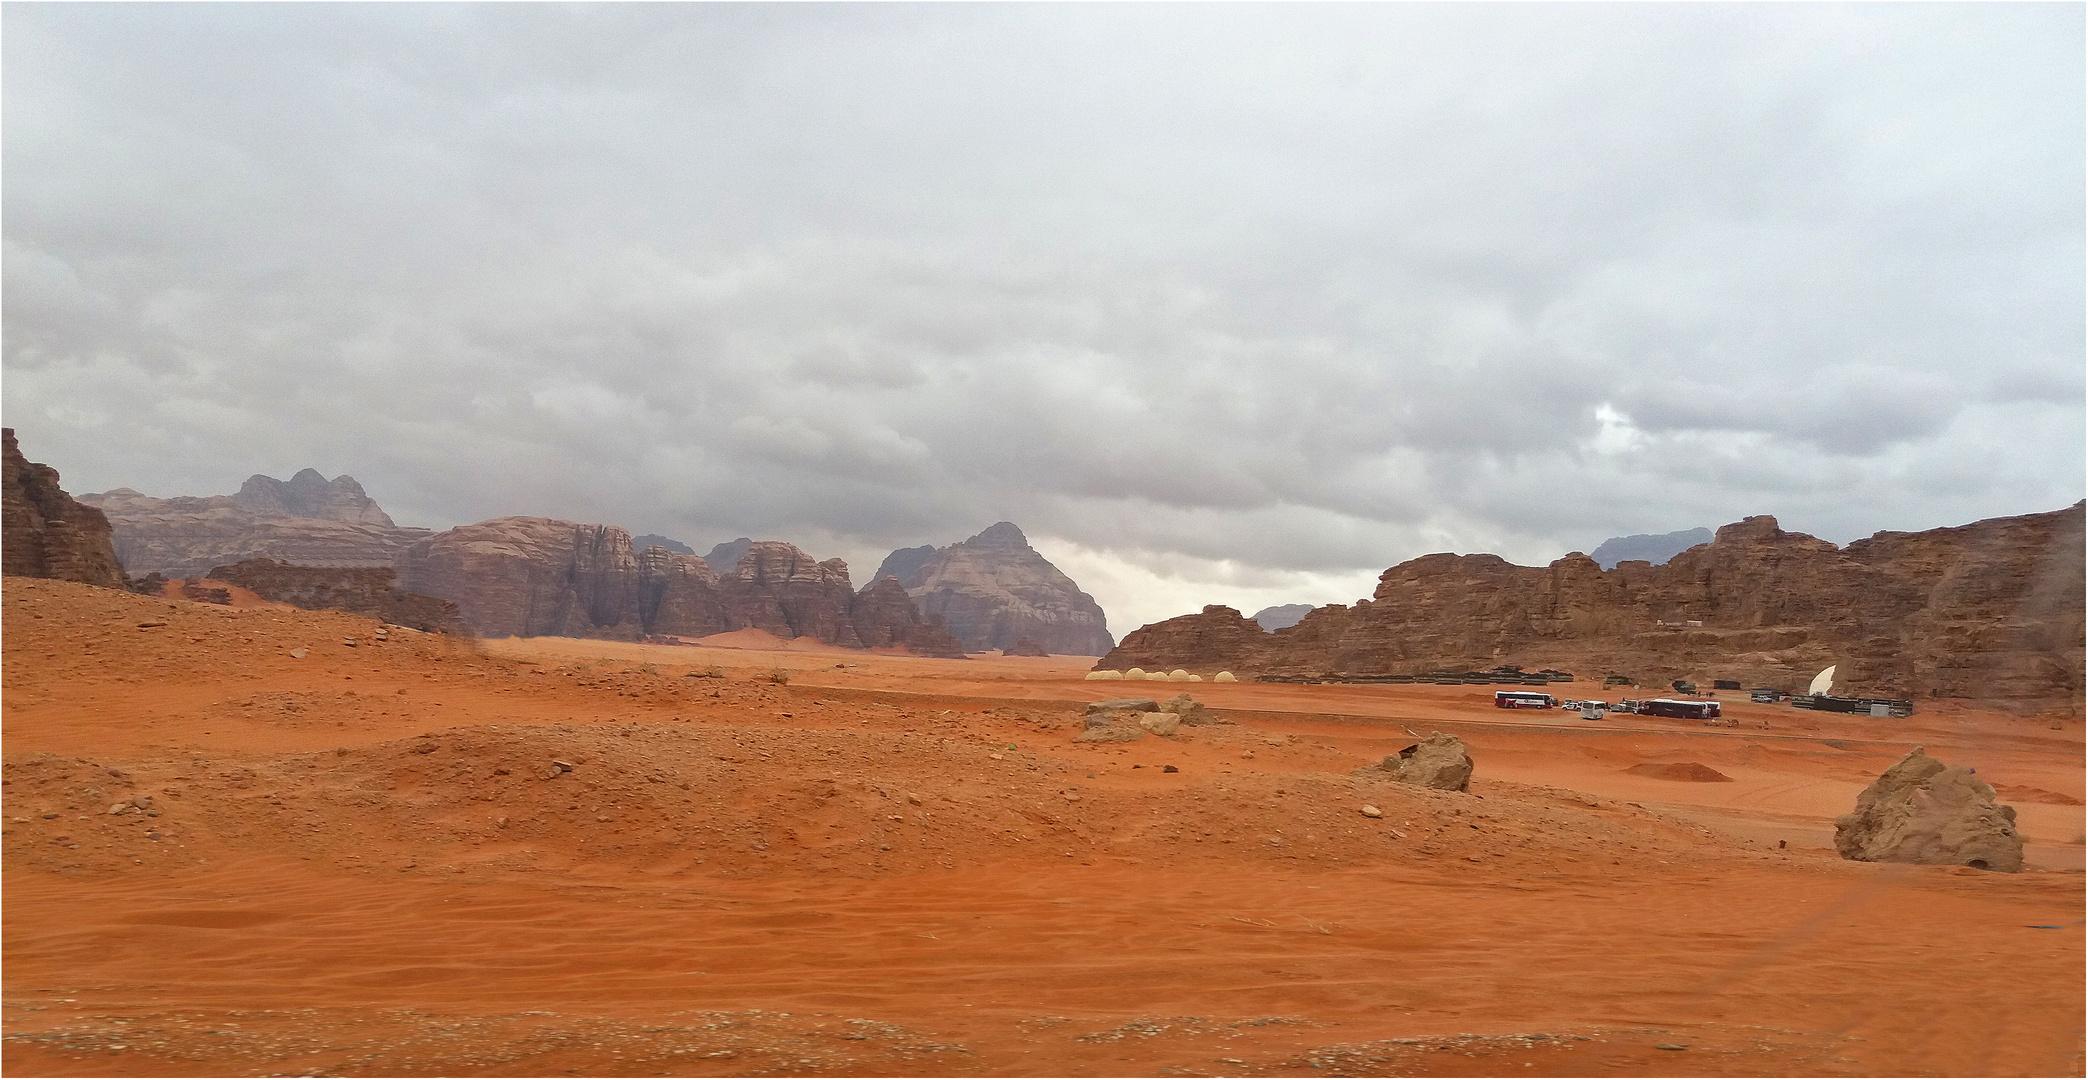 Ciel couvert au Wadi Rum